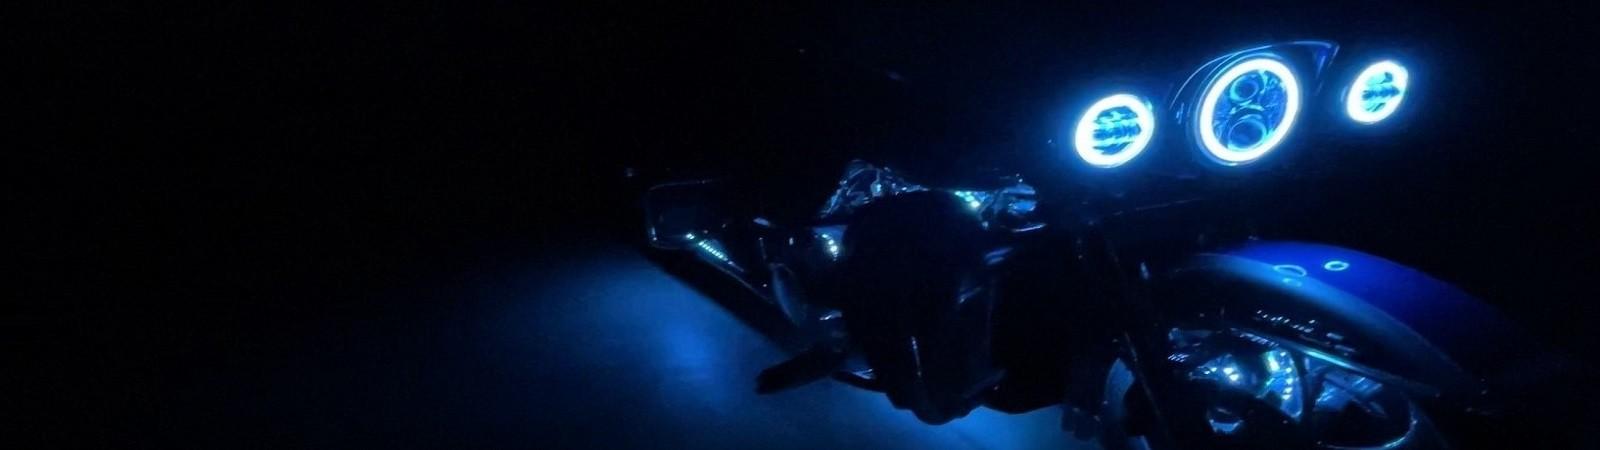 Custom Dynamics ProGLOE LED Accent Lights